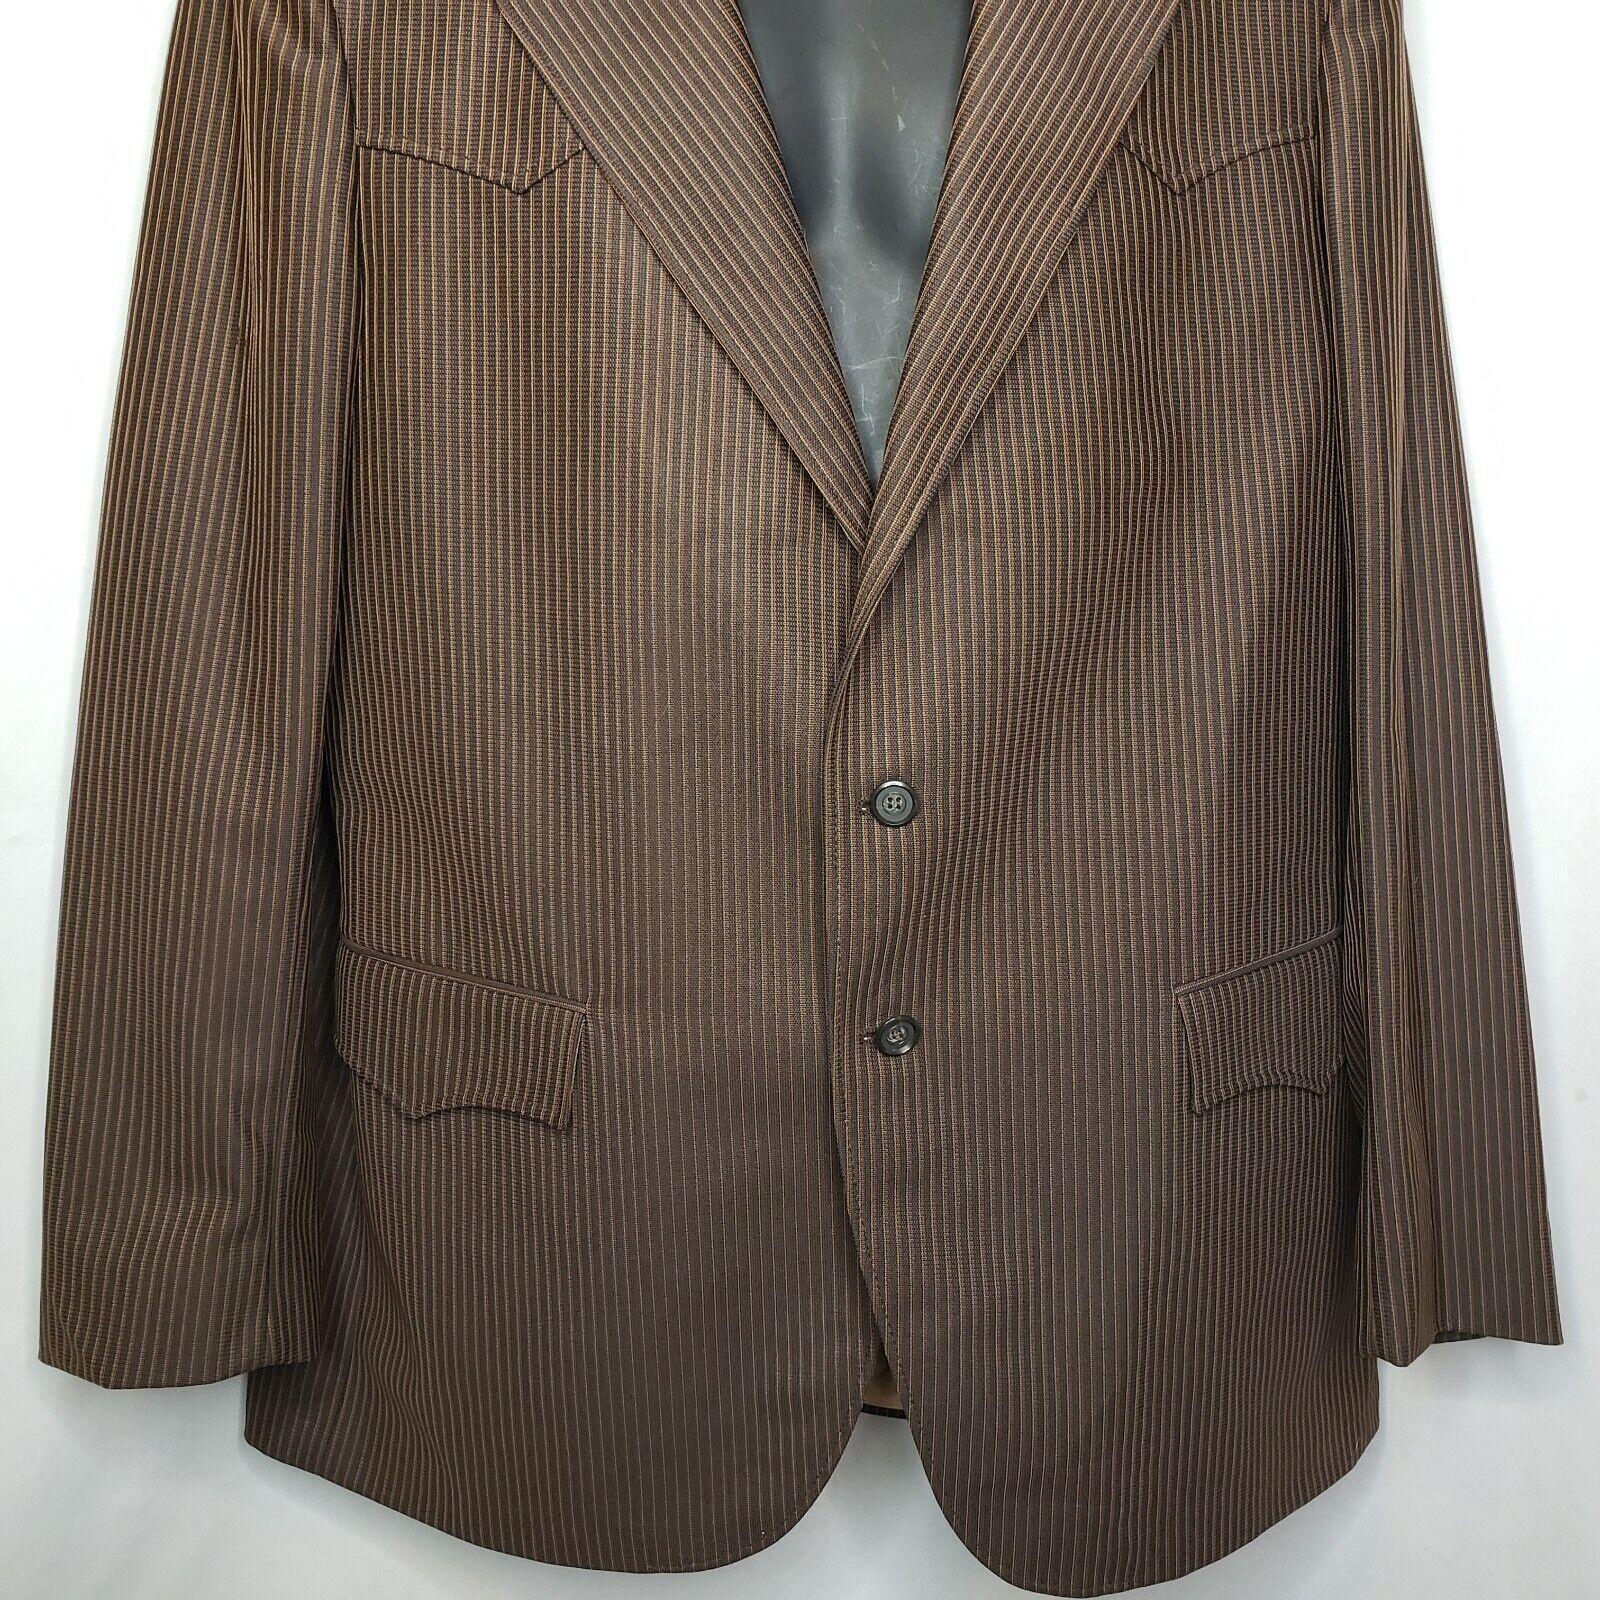 Ranchman Lasso Vintage Western Rockabilly Suit Ja… - image 3